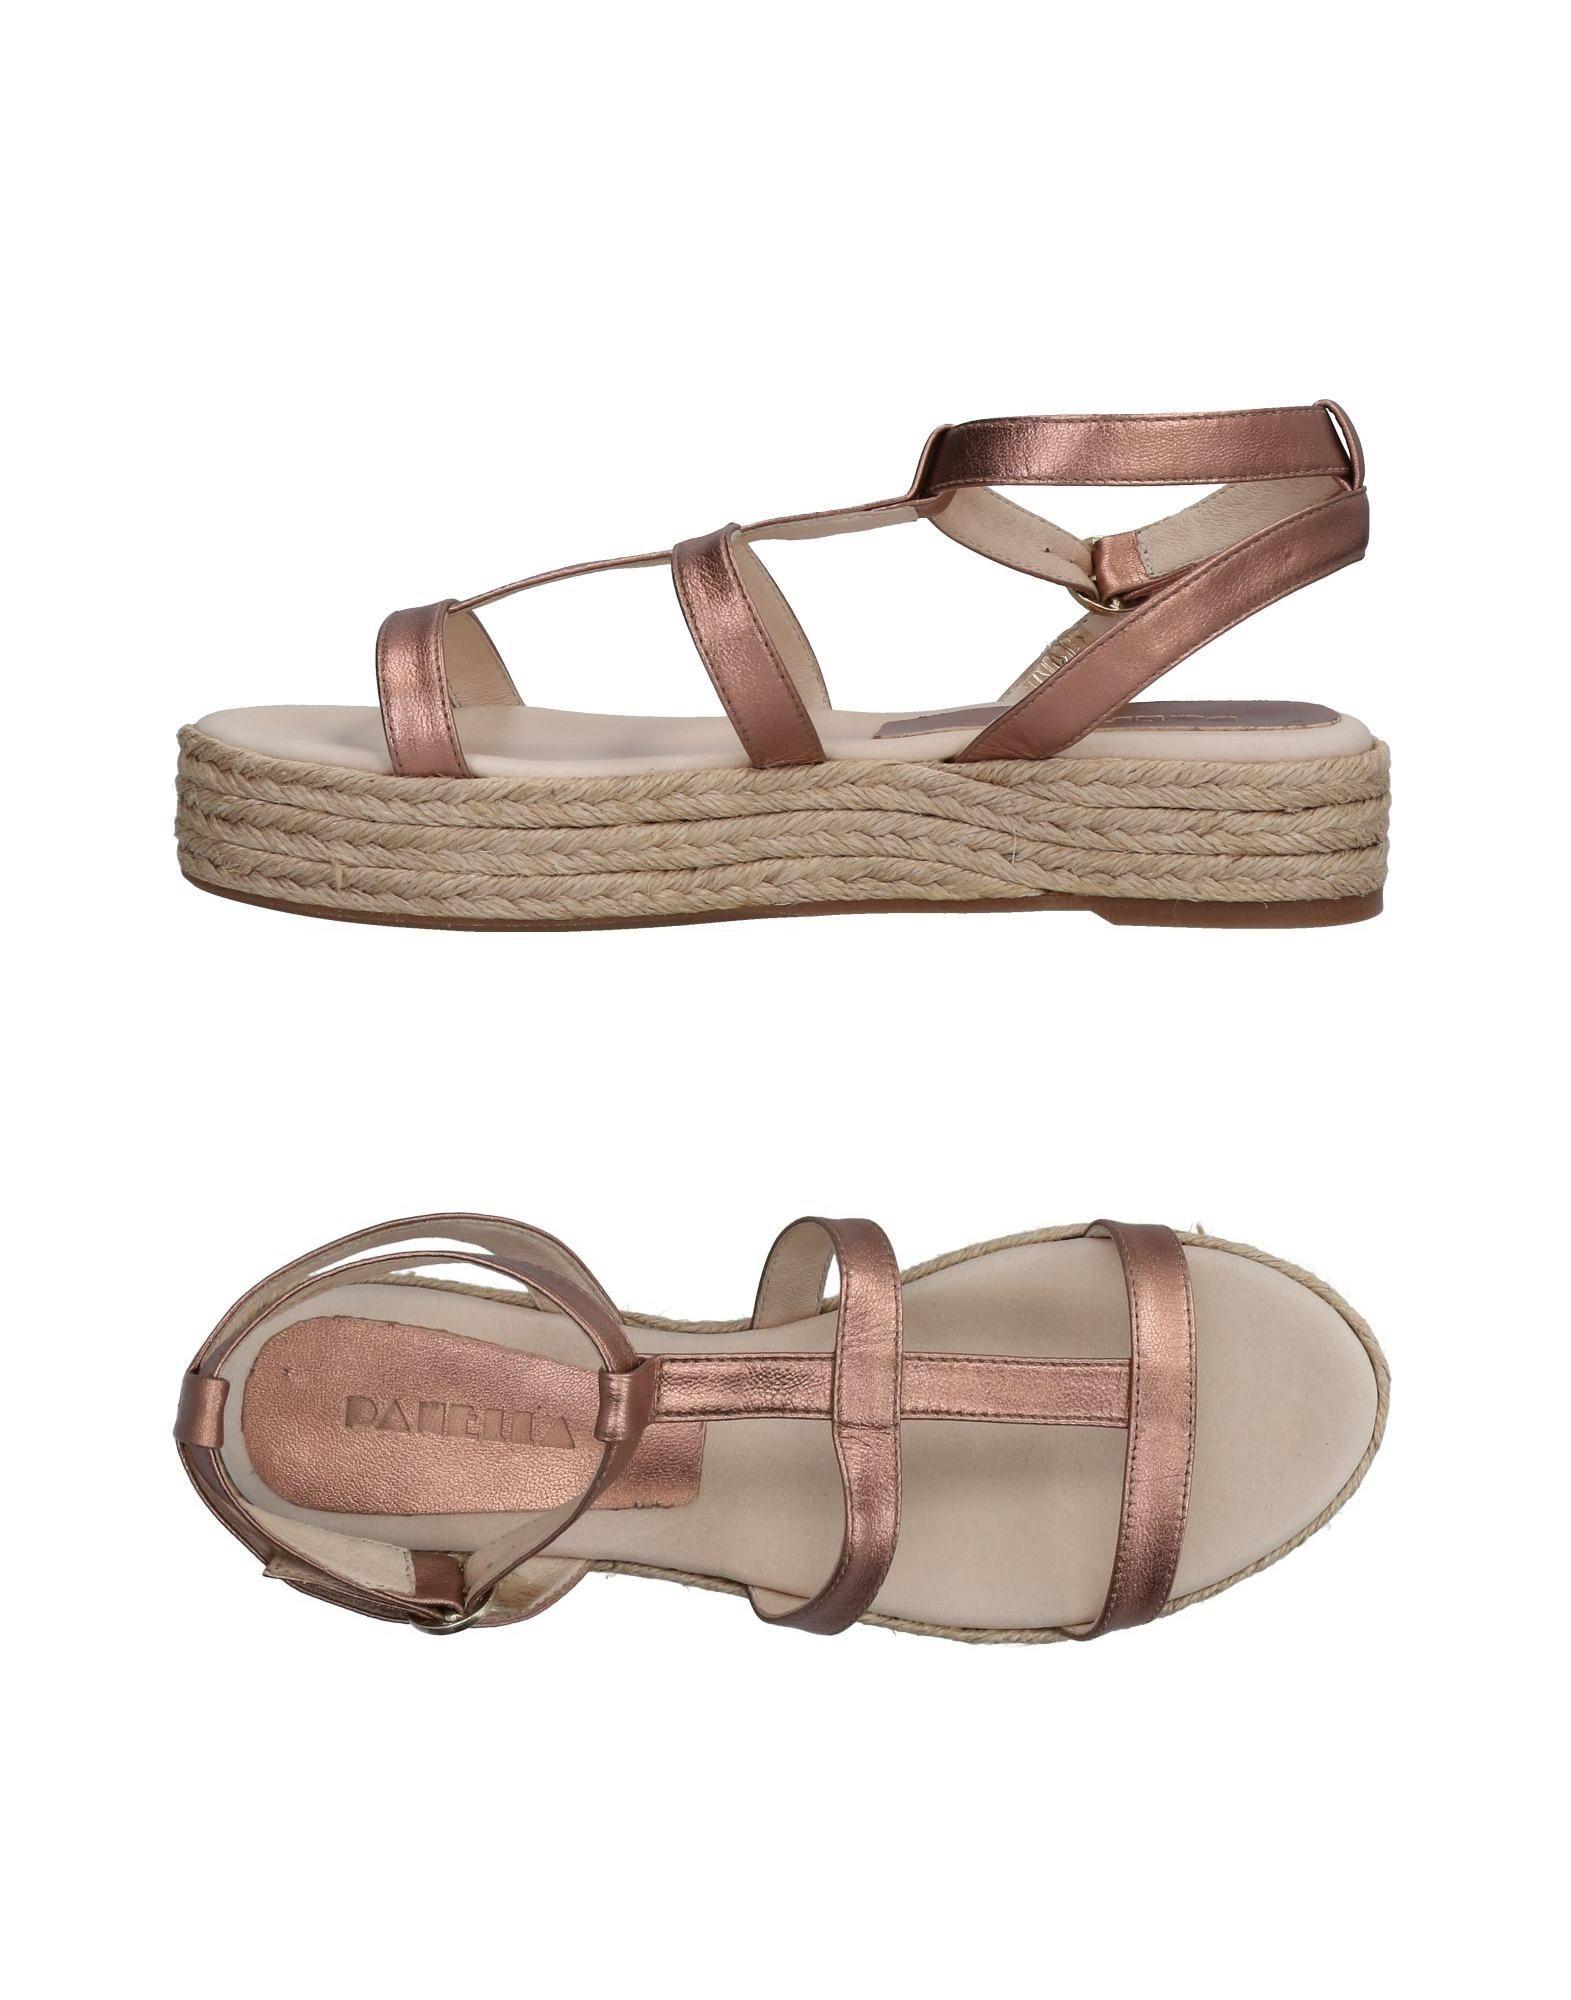 Günstige und modische Schuhe Panella Sandalen Damen  11474263TR